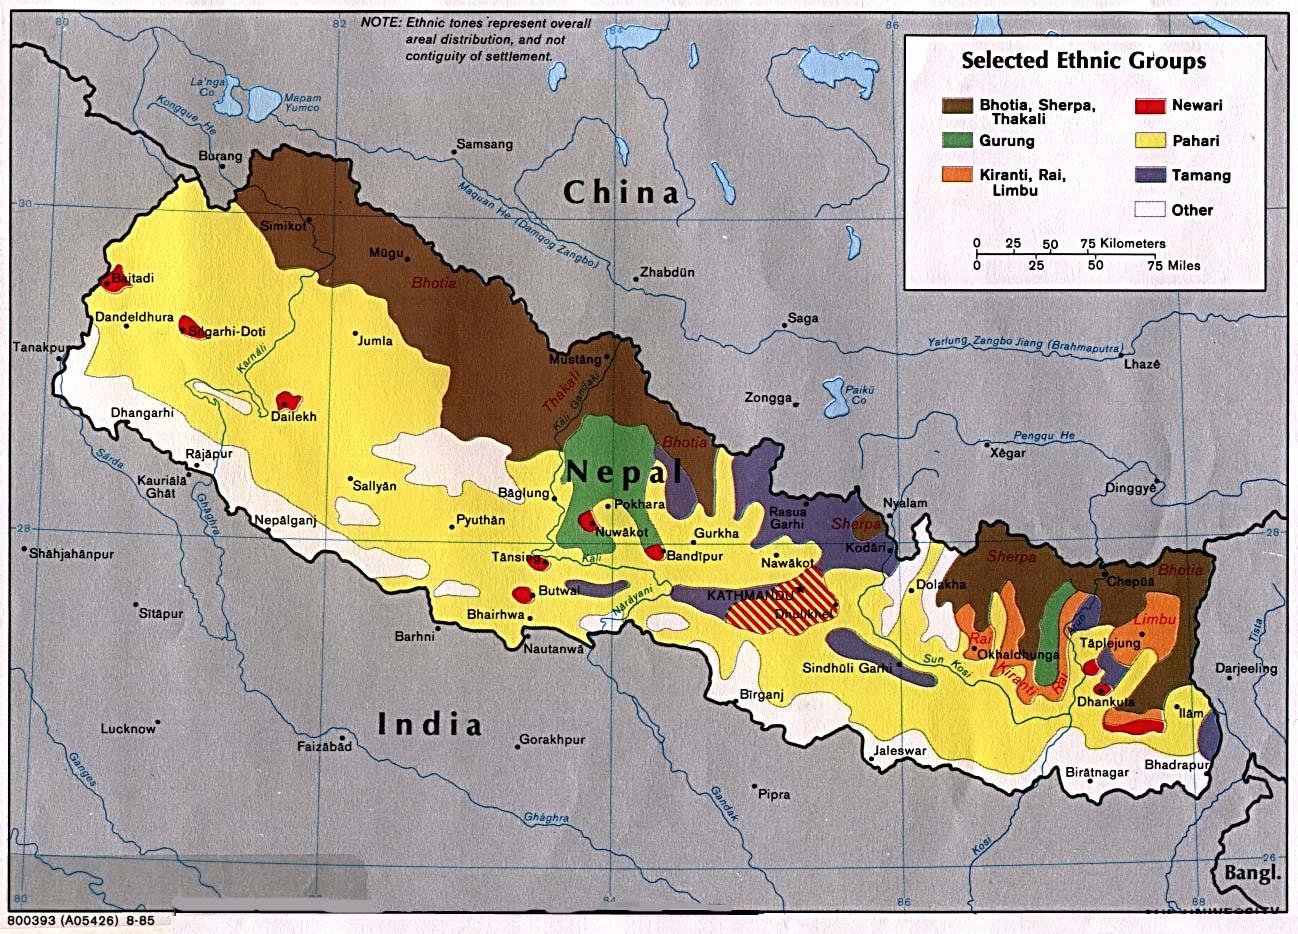 Mapa dos grupos étnicos do Nepal